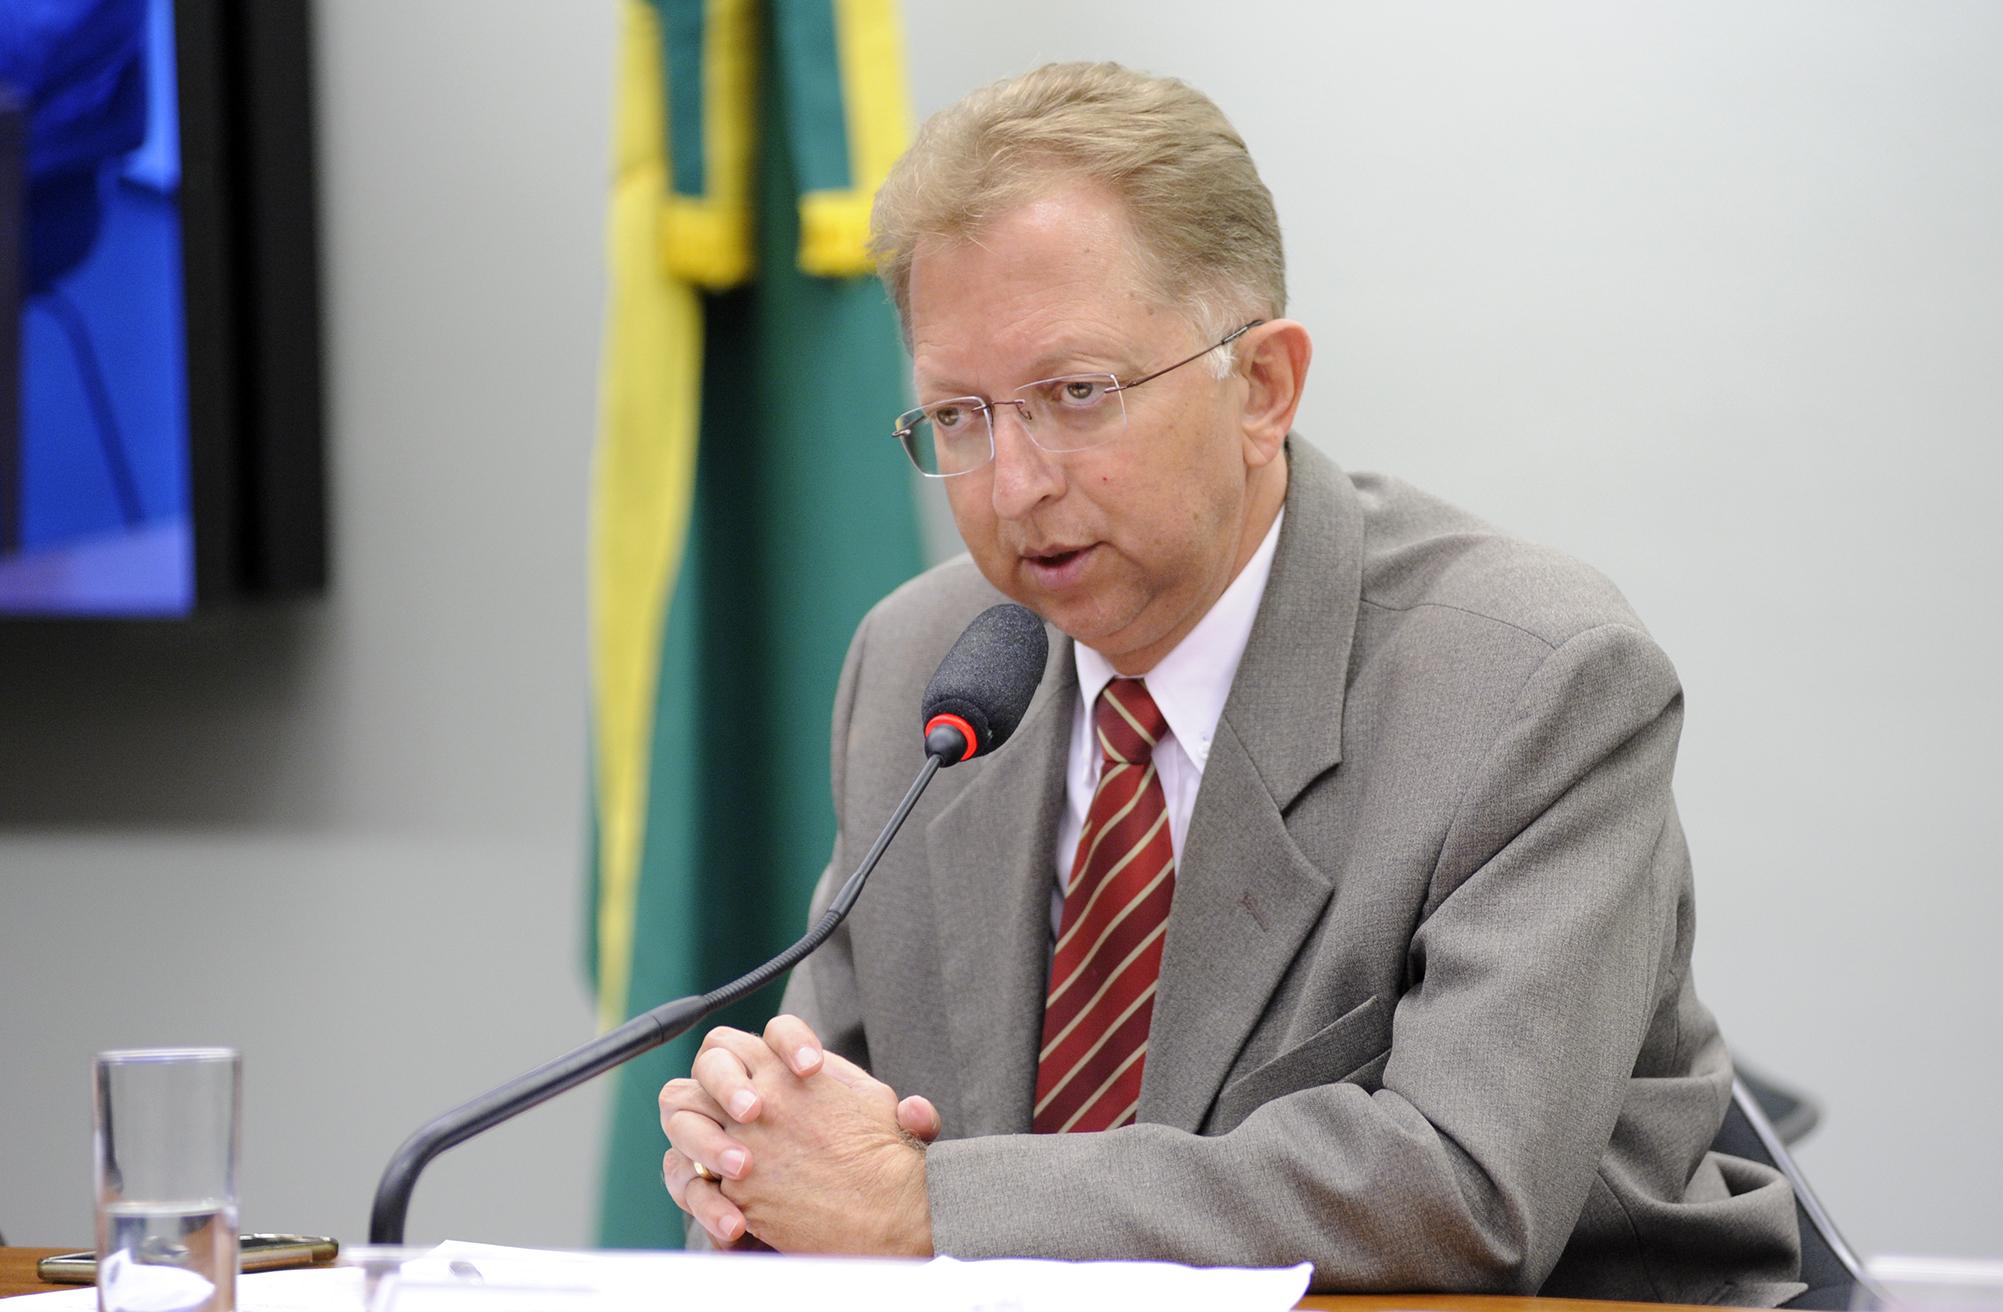 Audiência Pública: Tema: Processo e procedimentos em espécie. Dep. João Campos (PRB-GO)